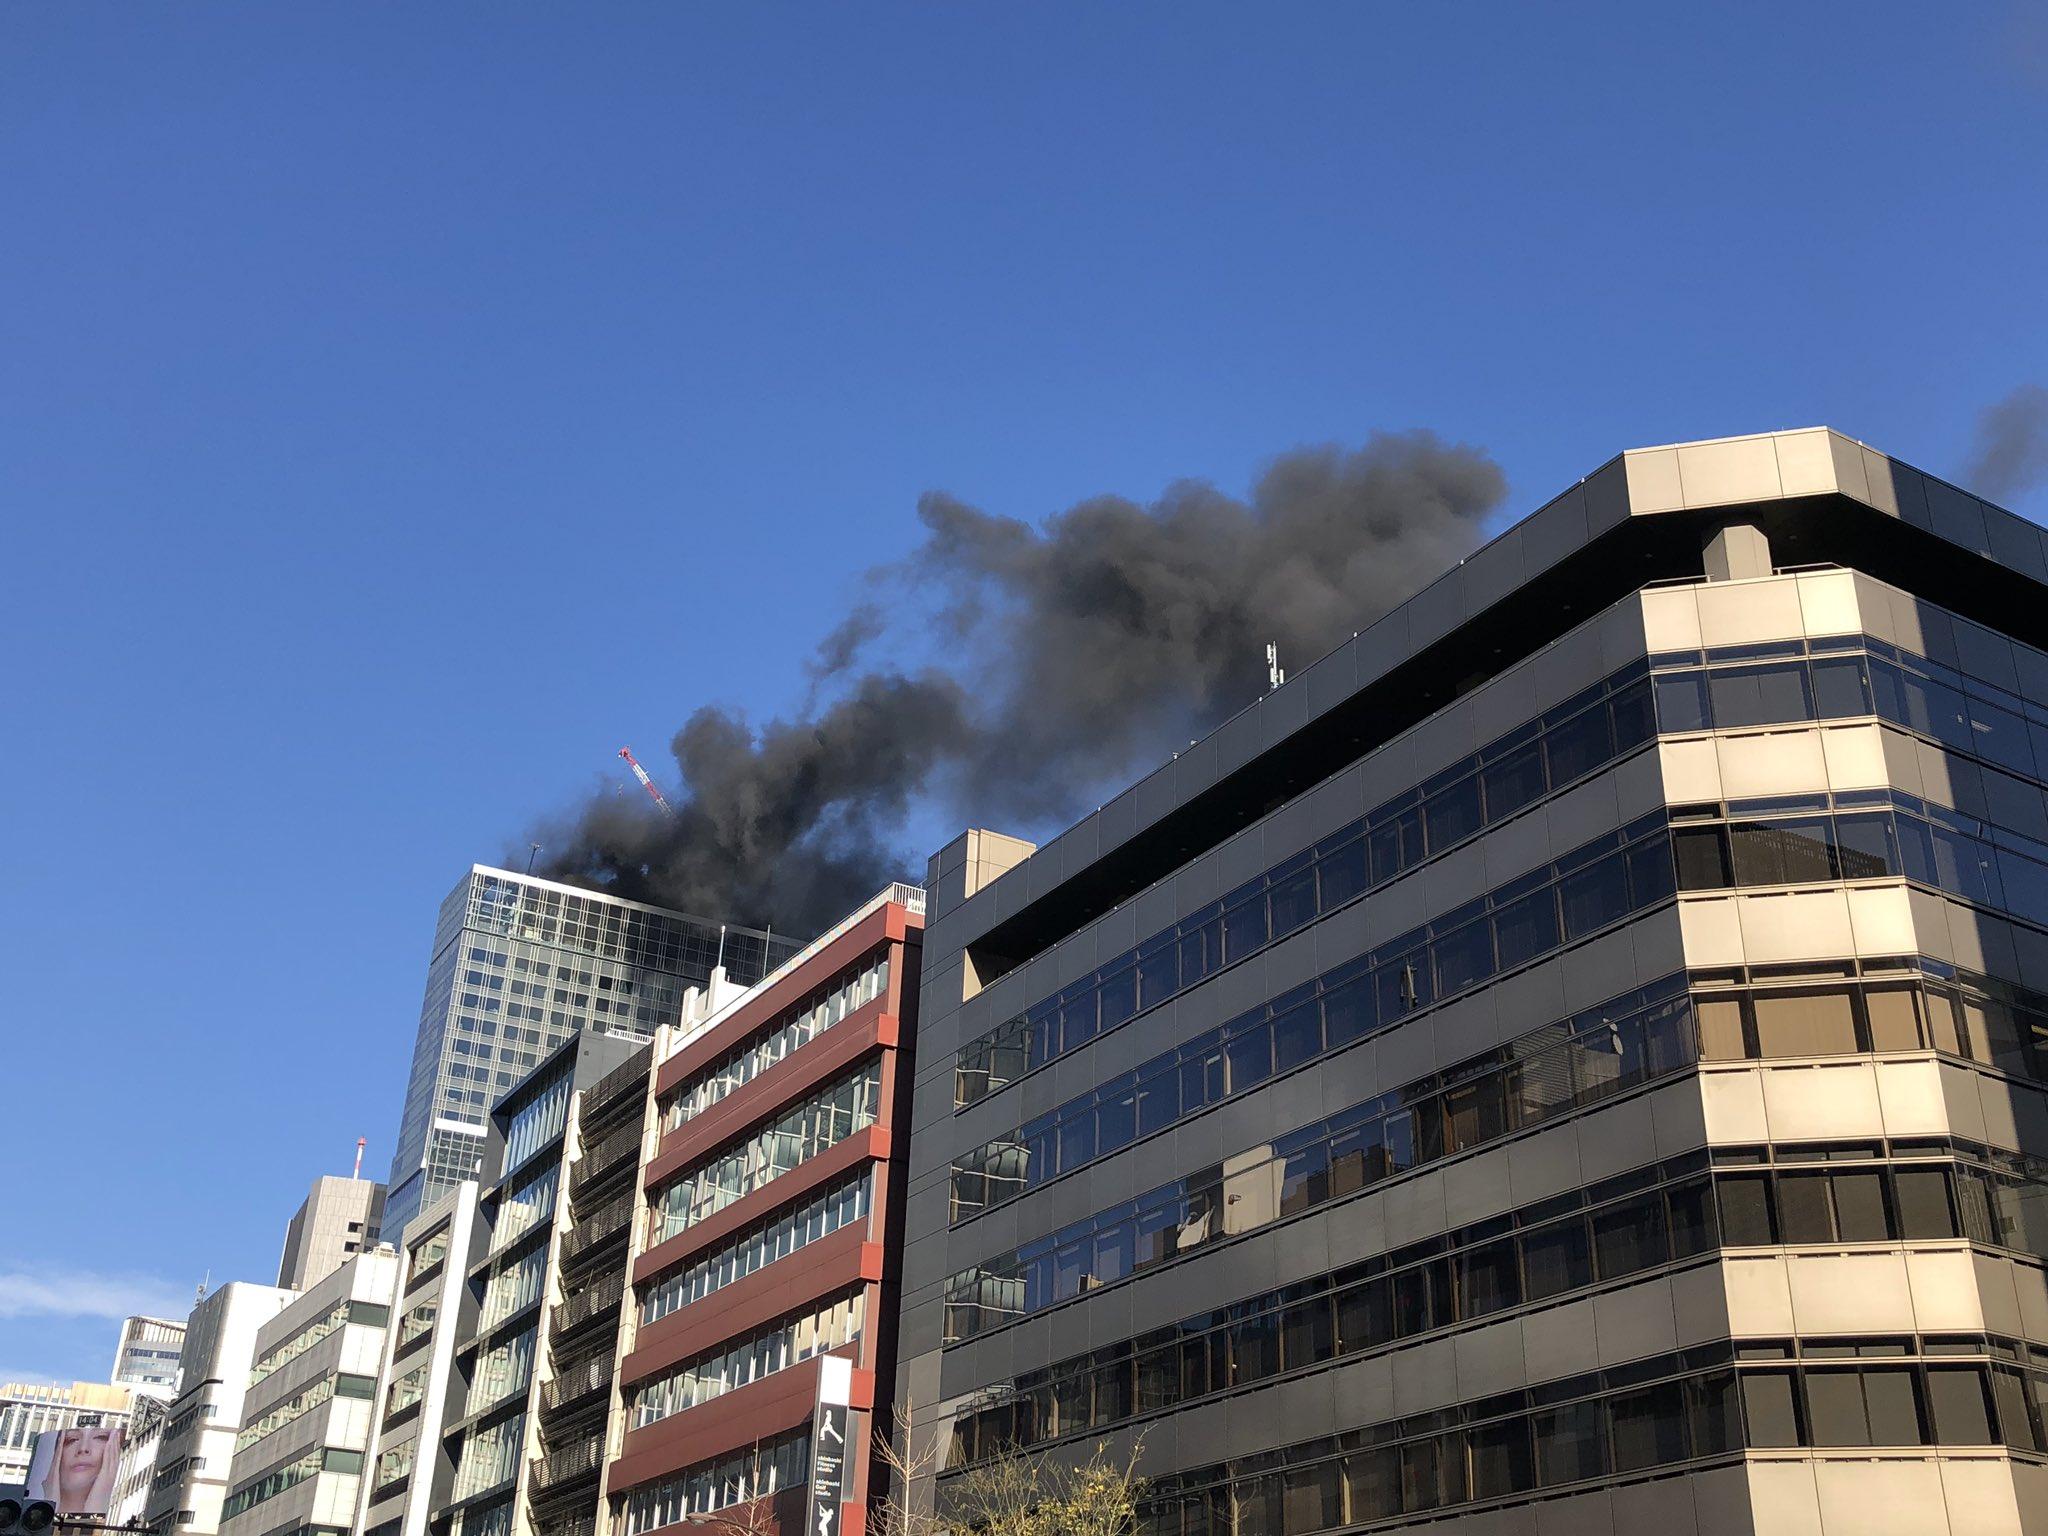 画像,火事?黒い煙が、、、 https://t.co/NOx4ZMyGxN。